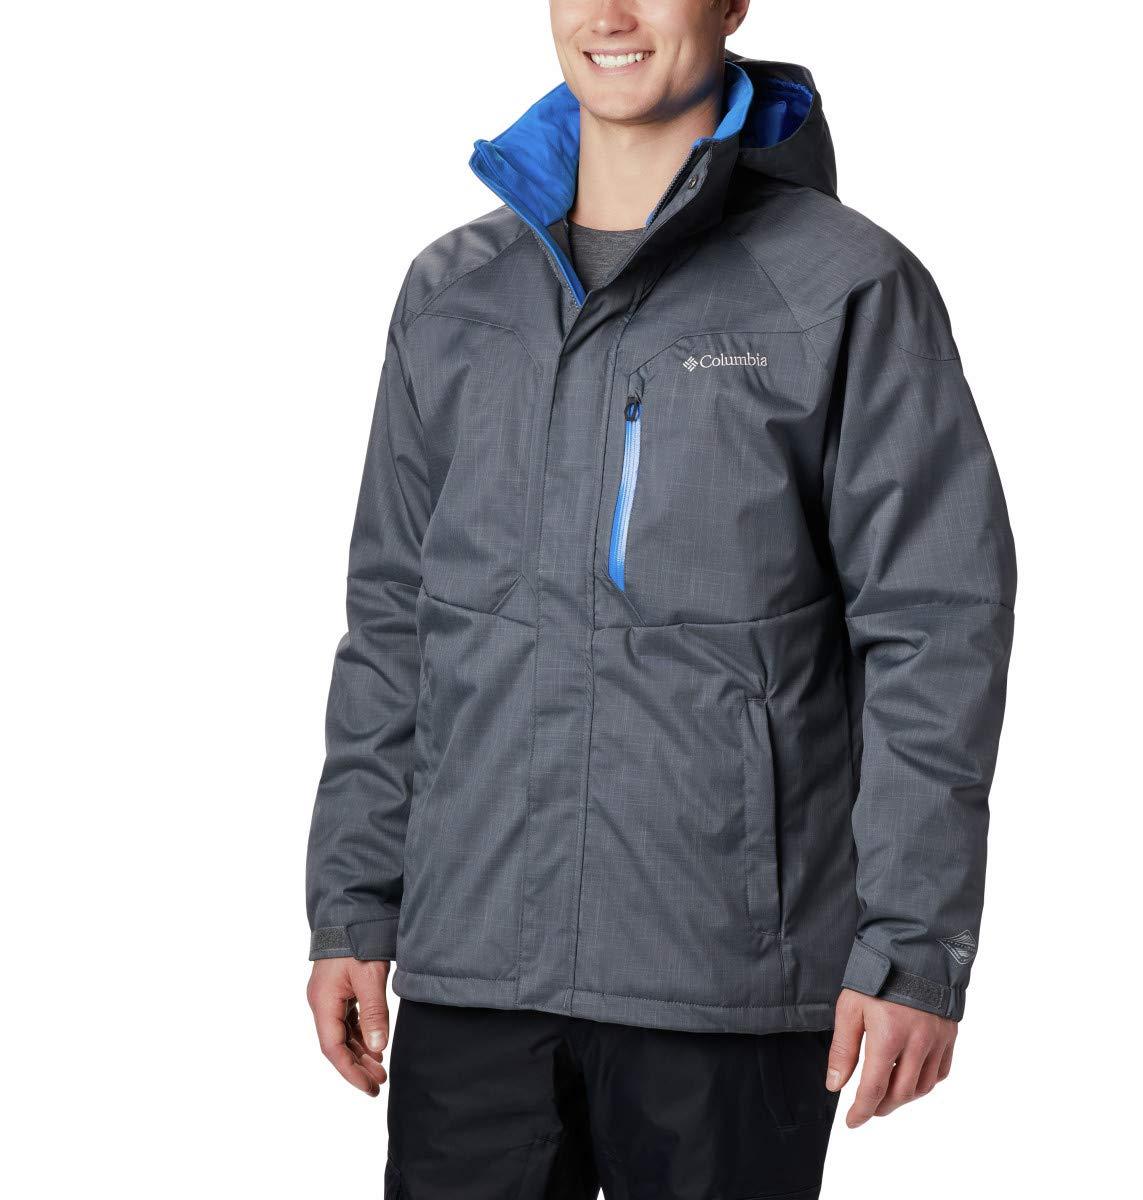 Graphite, Super bleu XL Columbia Alpine-Action veste Blouson de Ski Homme